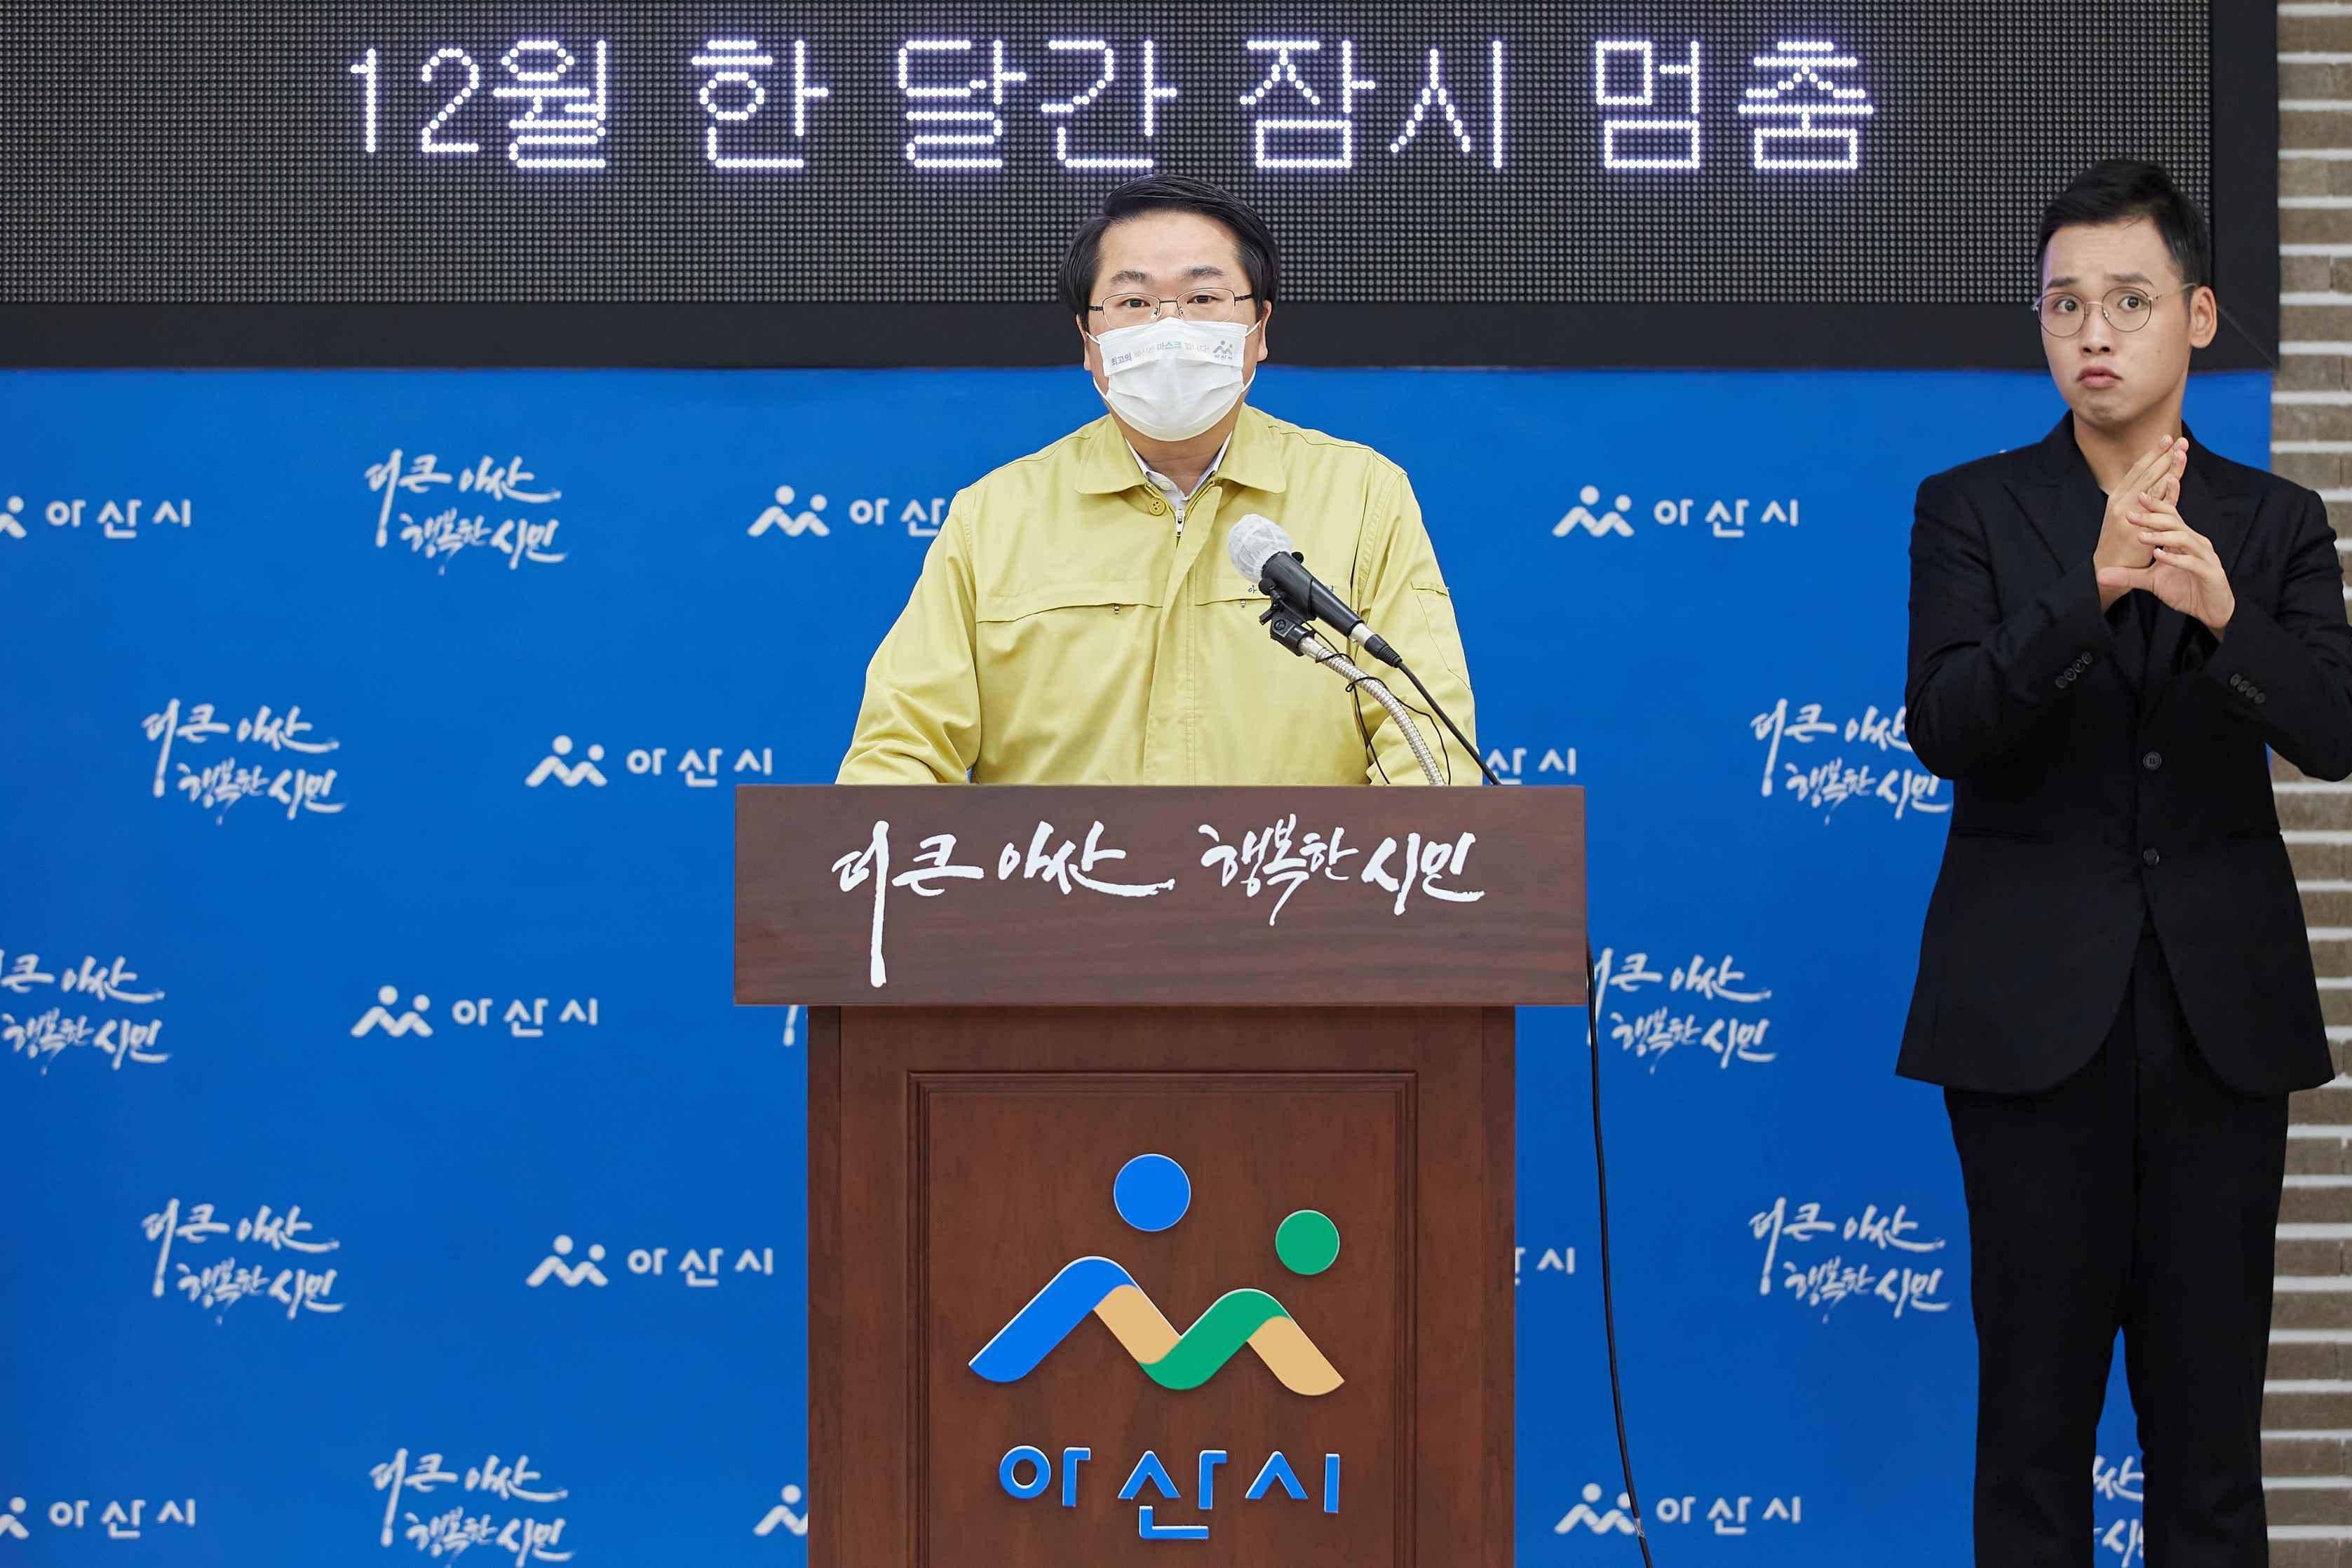 2020.11.29.코로나19 대응 12월 한 달간 잠시 멈춤 시정 브리핑